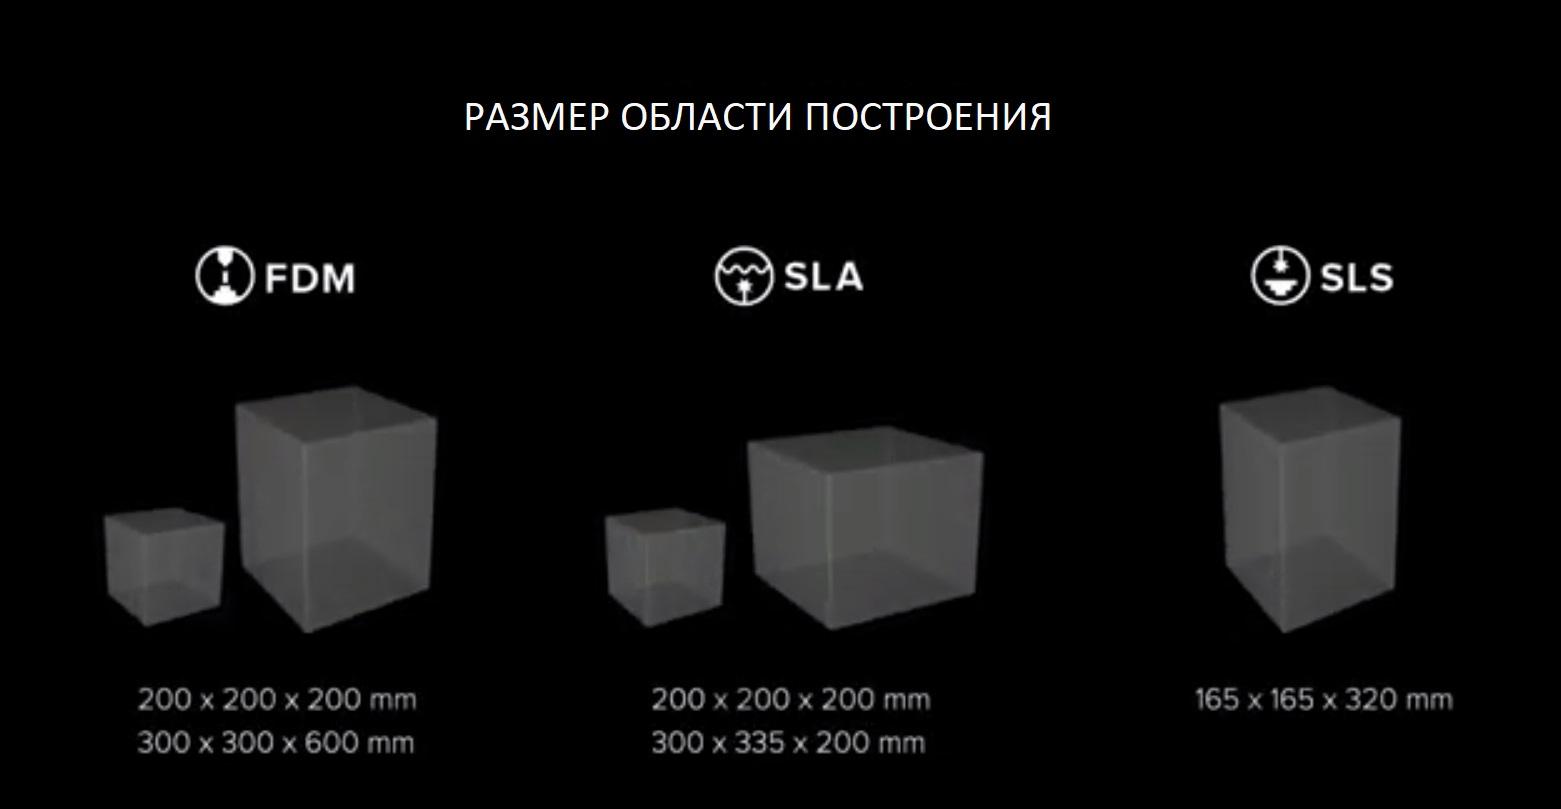 Размер поля построения в различных принтерах. сравнение